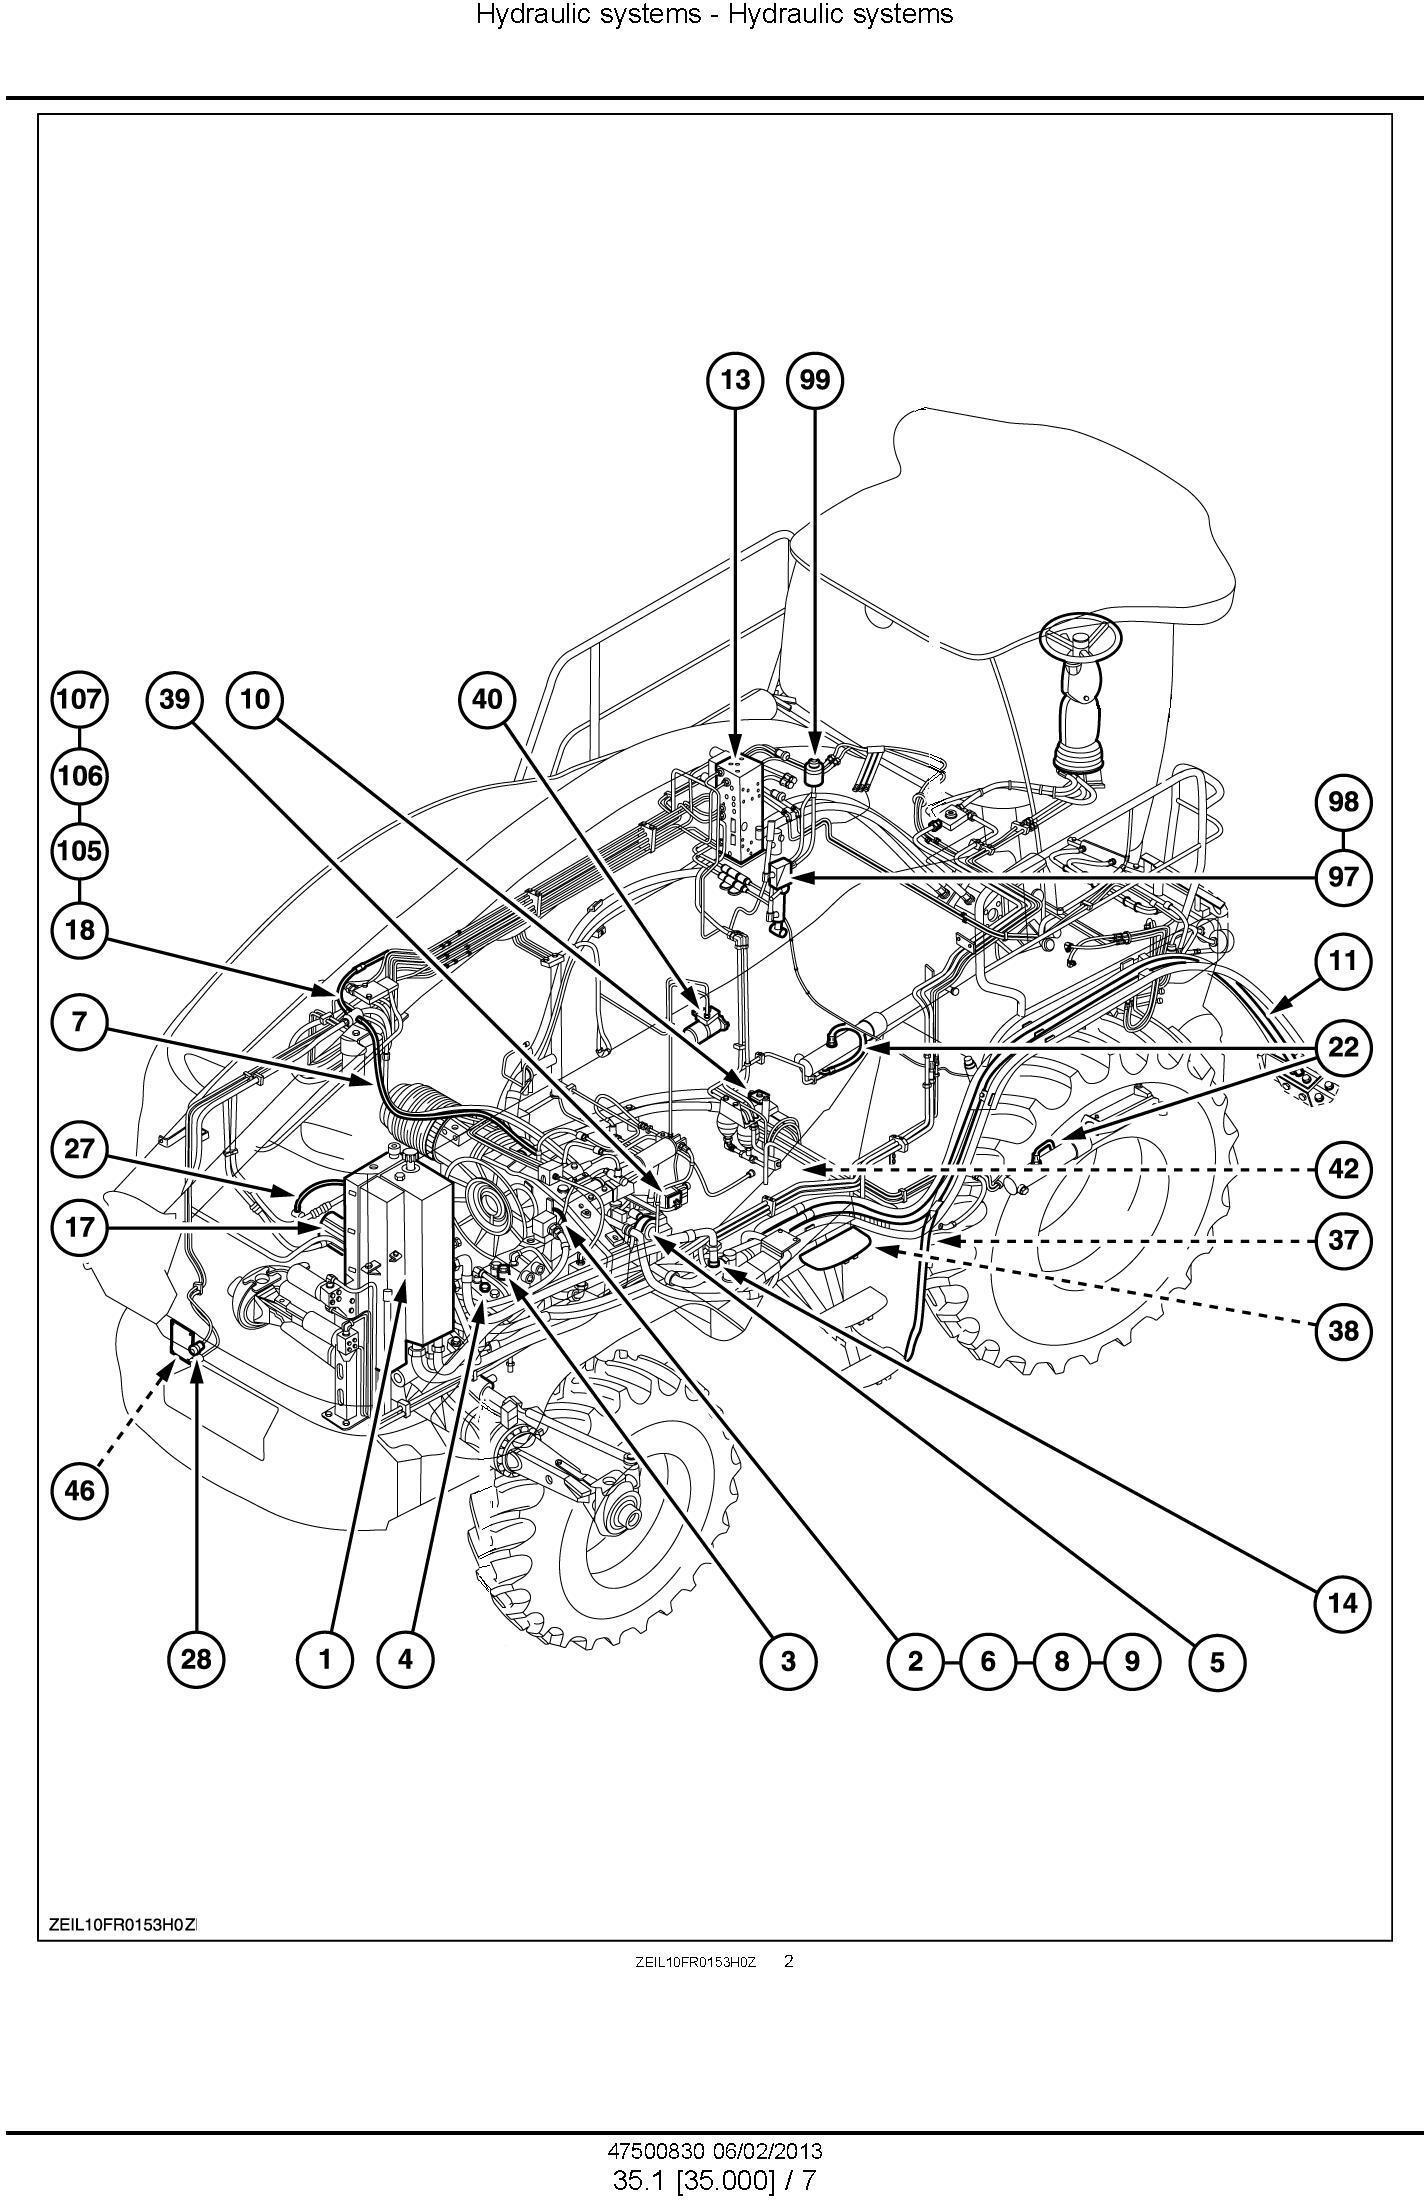 New Holland FR9040, FR9050, FR9060, FR9080, FR9090 Forage Harvester Complete Service Manual - 3